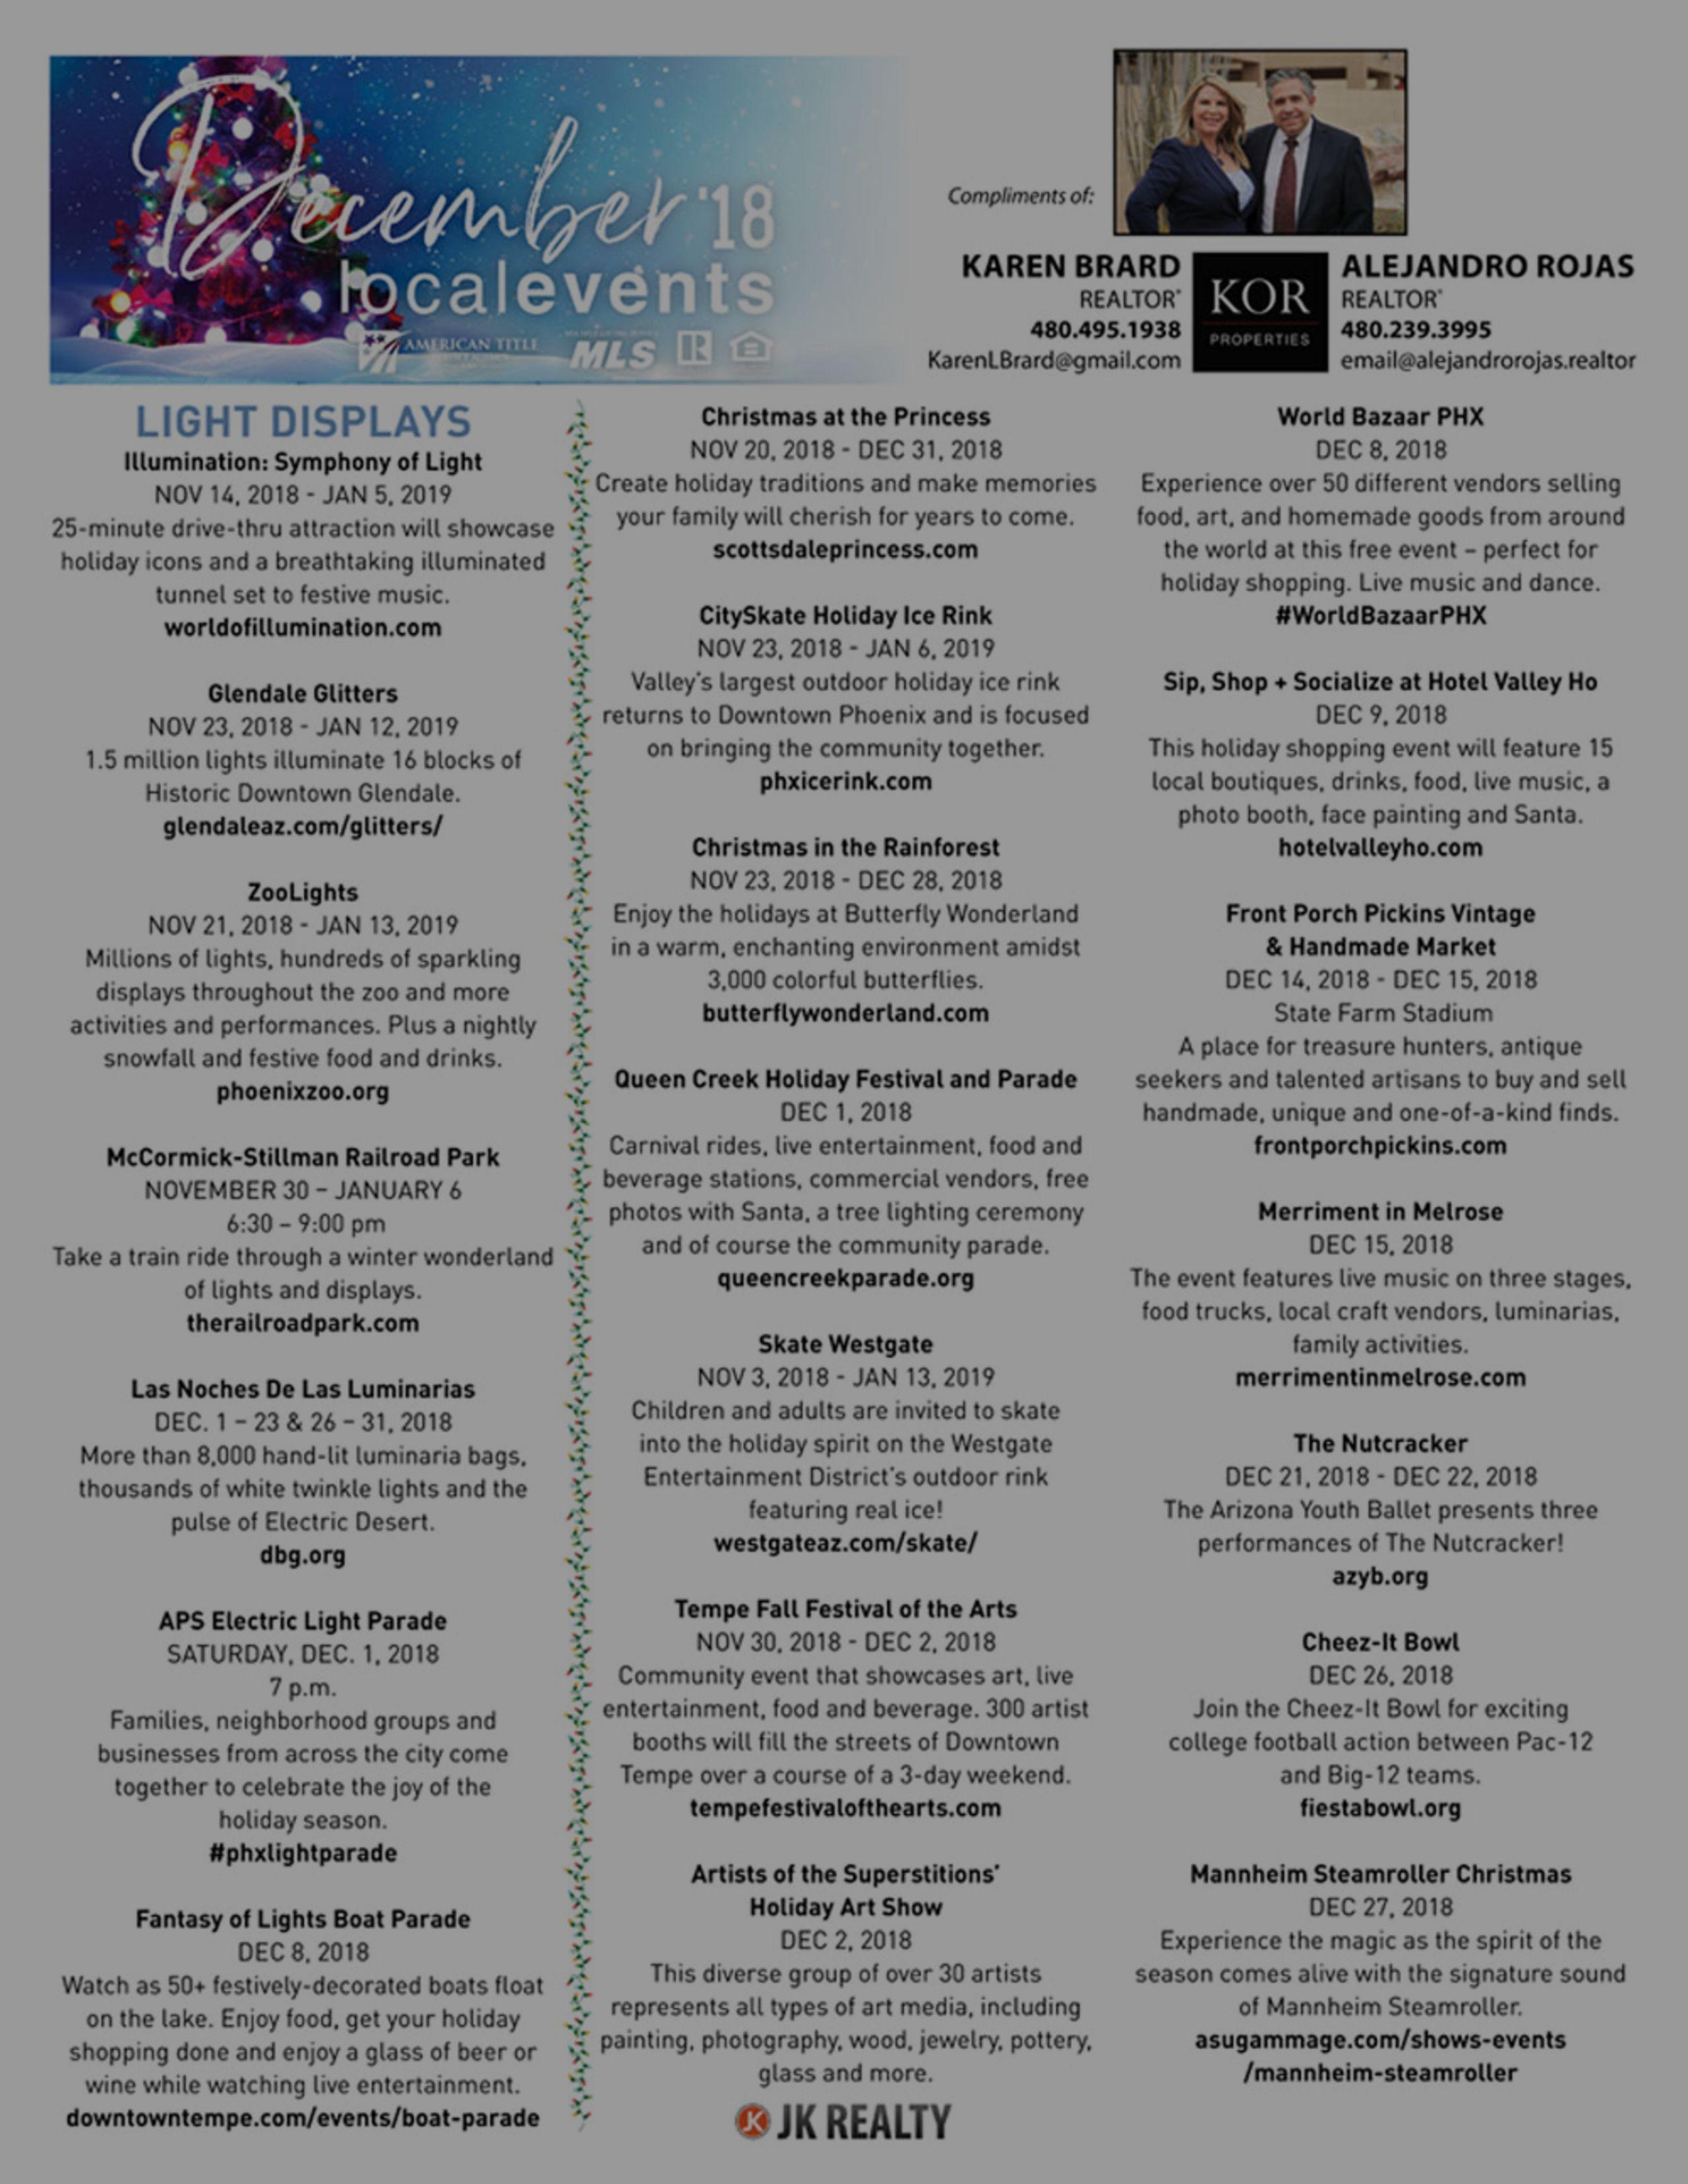 December 2018 Events Calendar